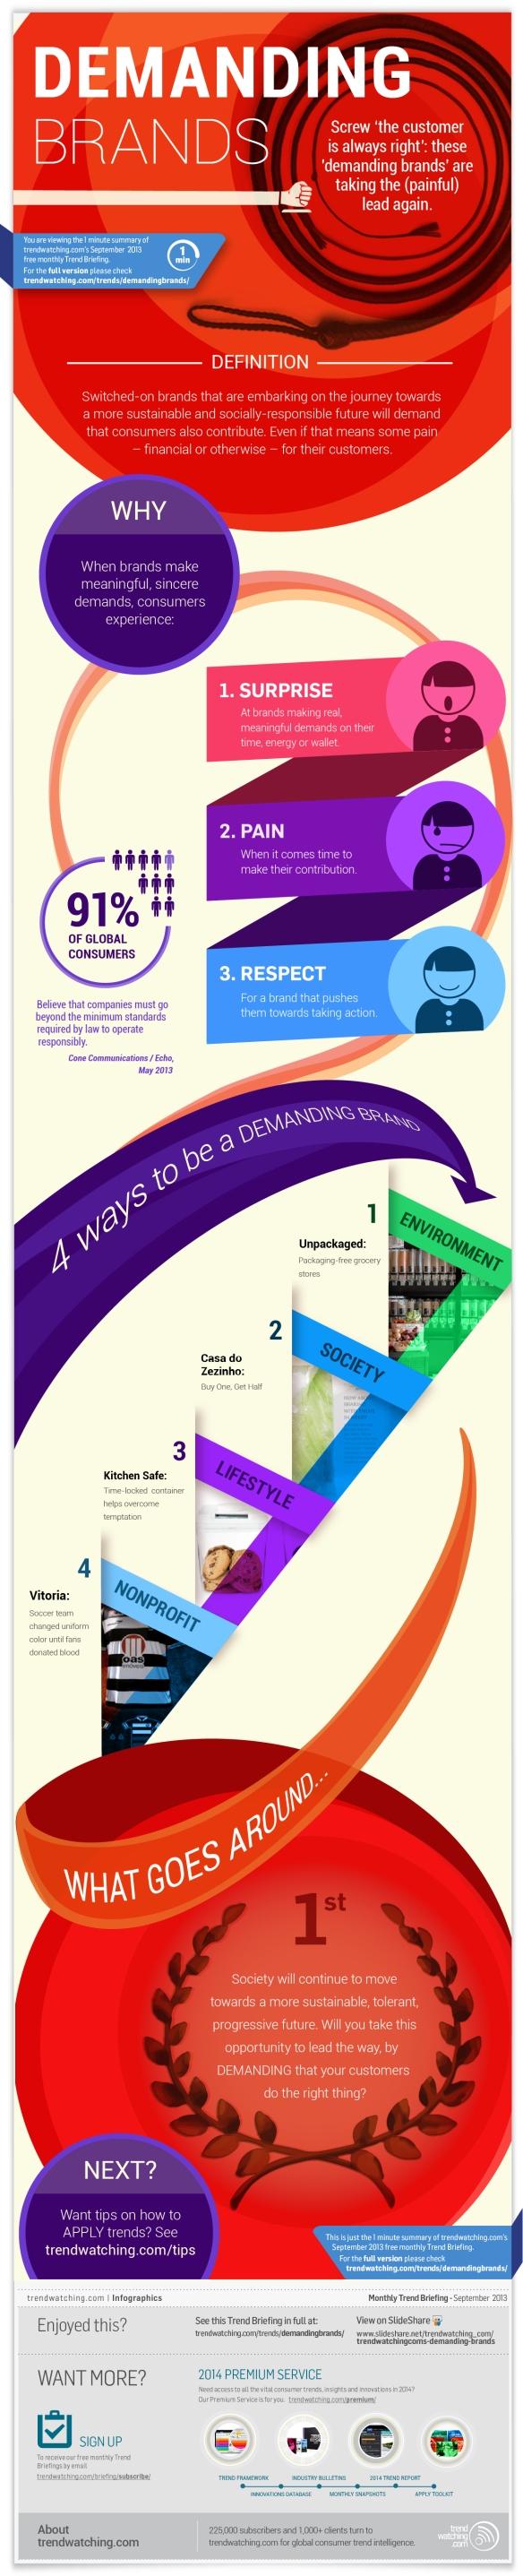 demanding-brands-infographic